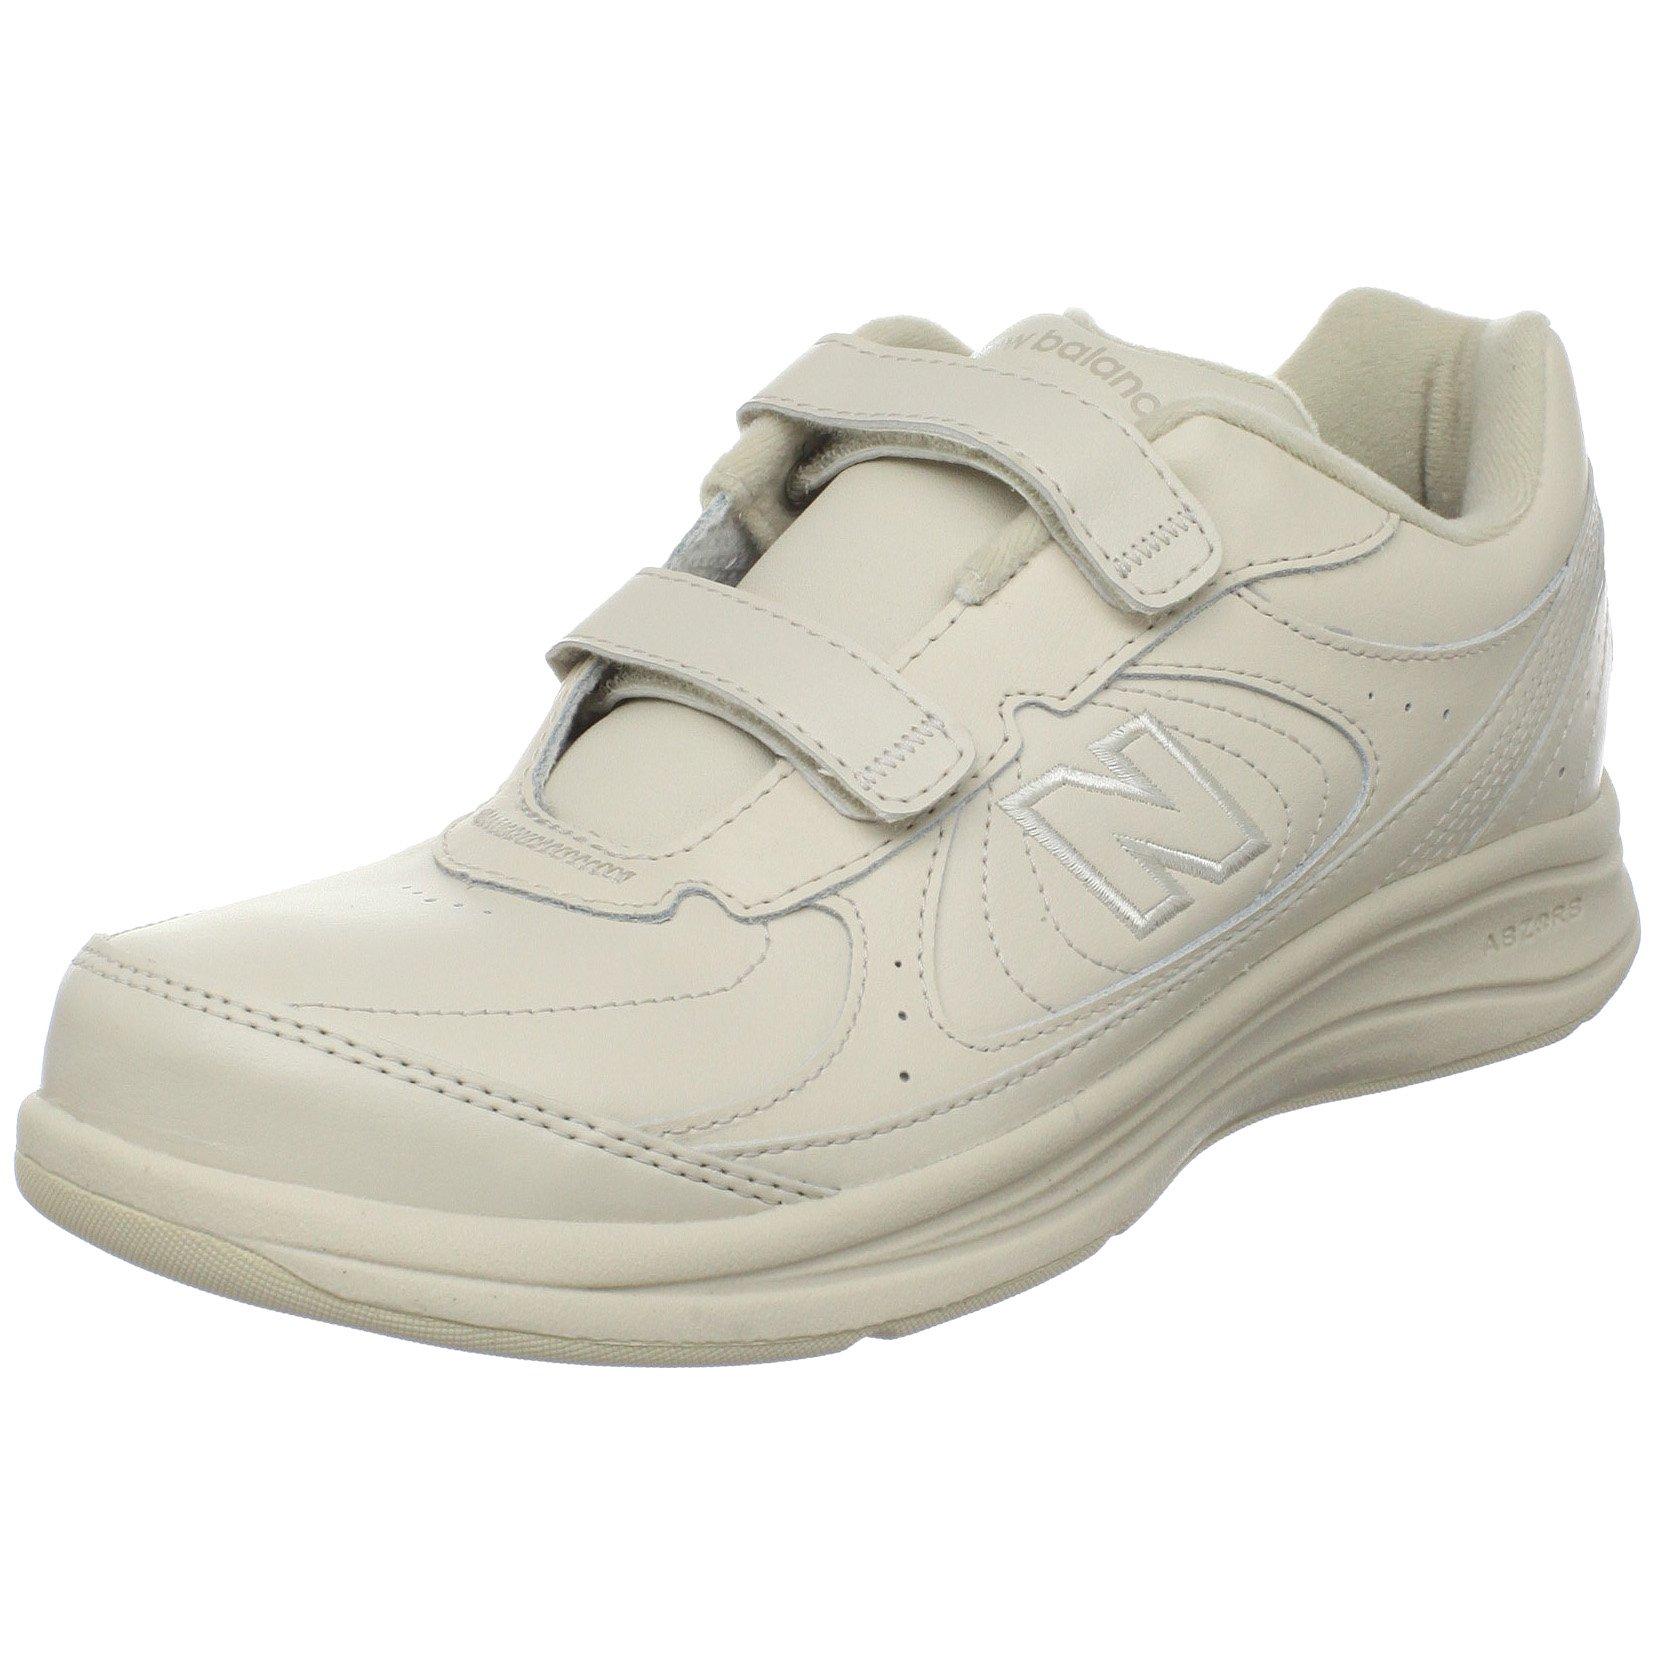 ''New Balance Women's WW577 Walking Velcro Shoe,Bone,7 D US''